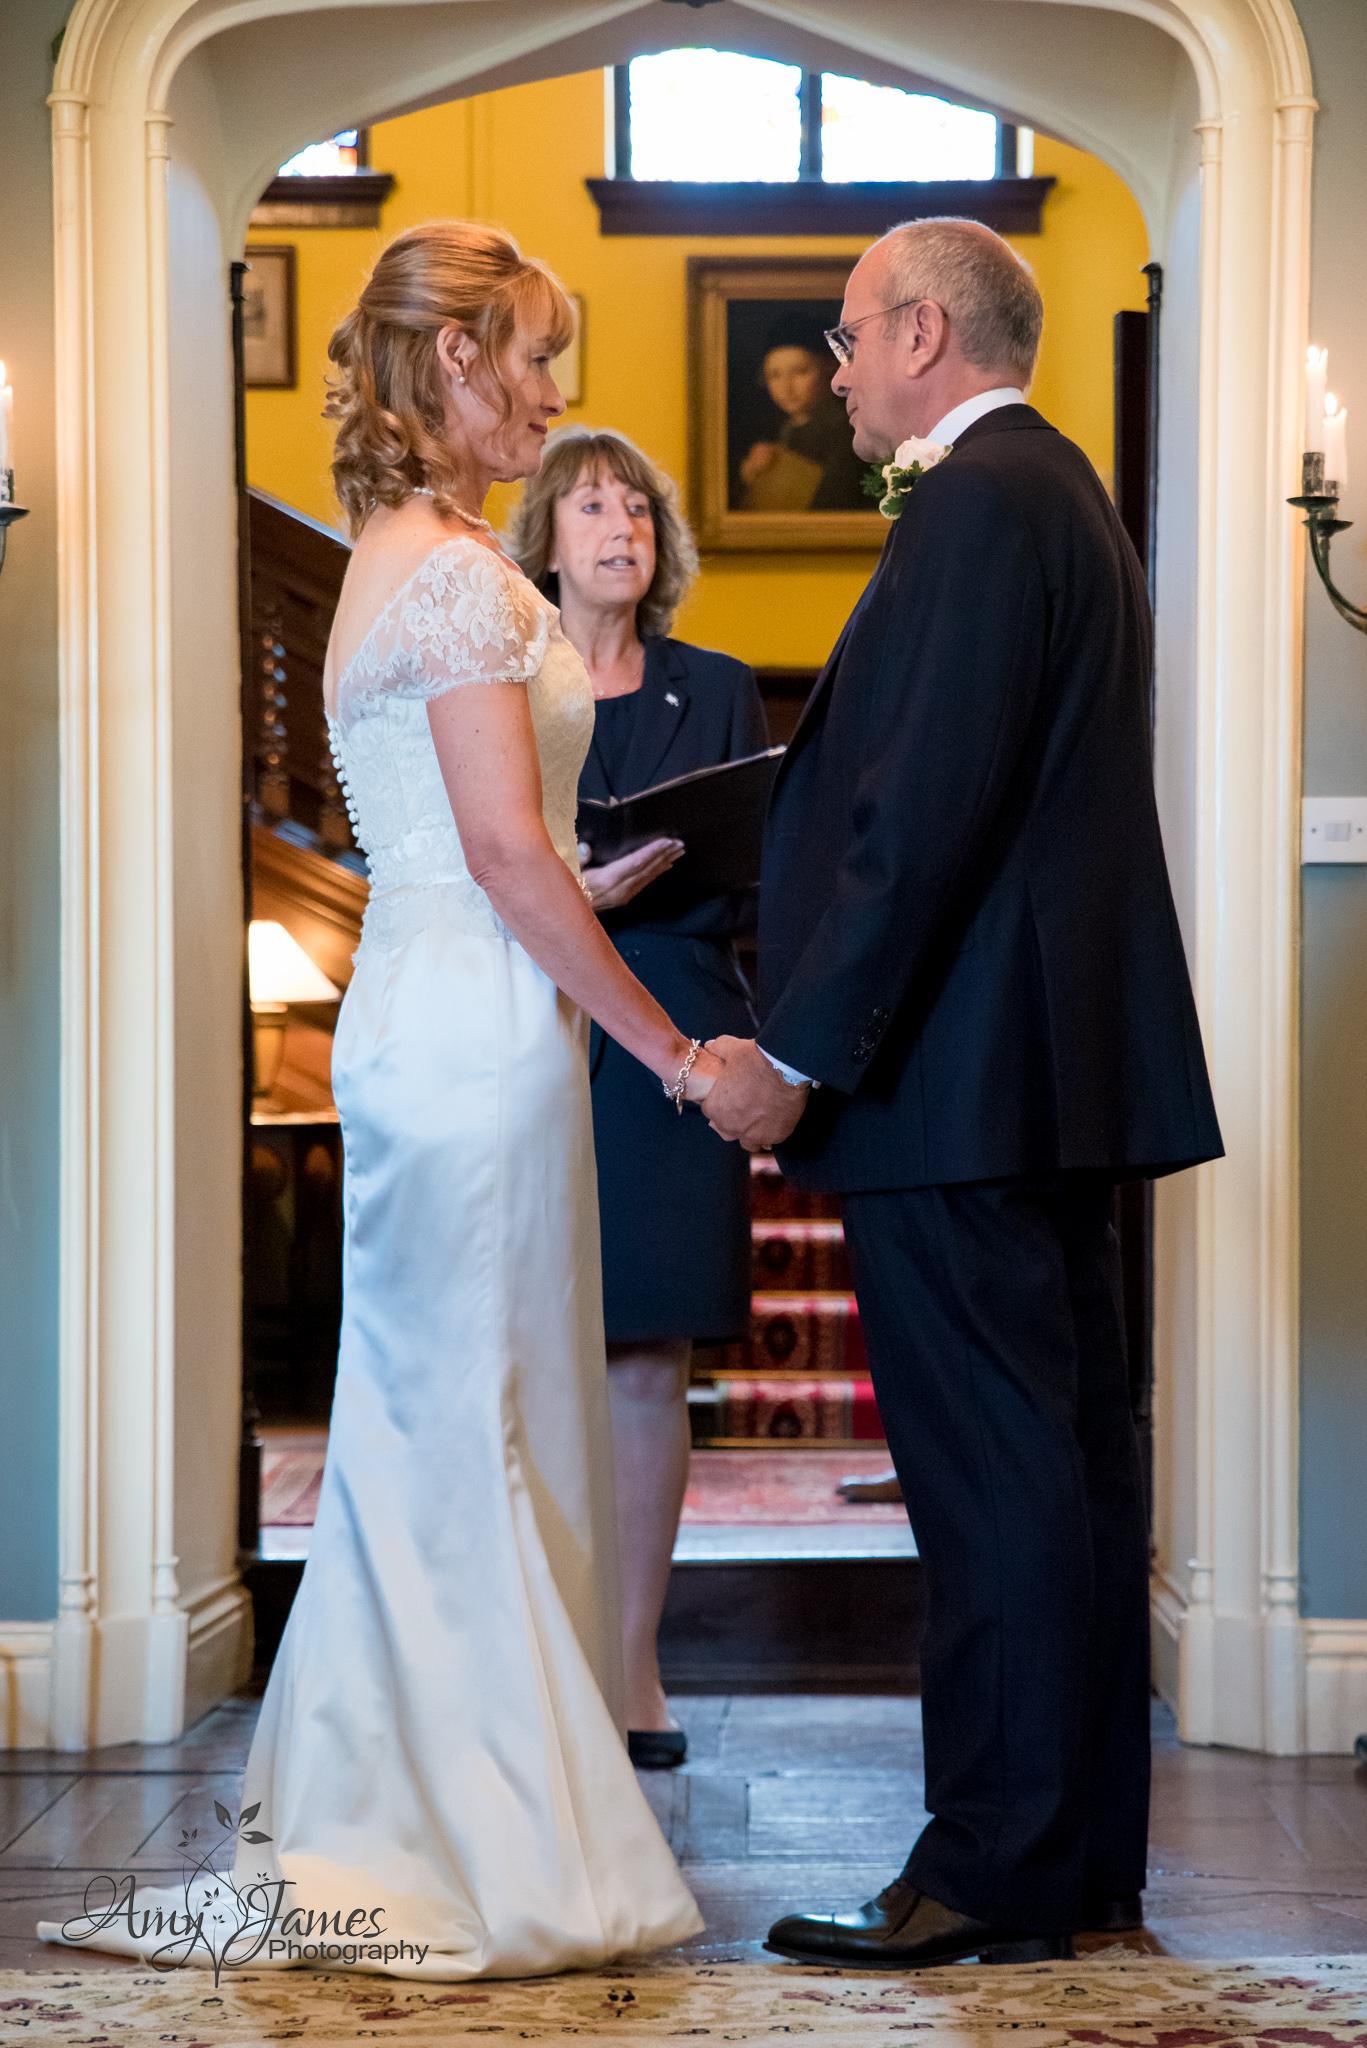 Hampshire wedding photographer // Fleet wedding photographer // Boughton Monchelsea wedding // Countryside wedding // Kent wedding photographer